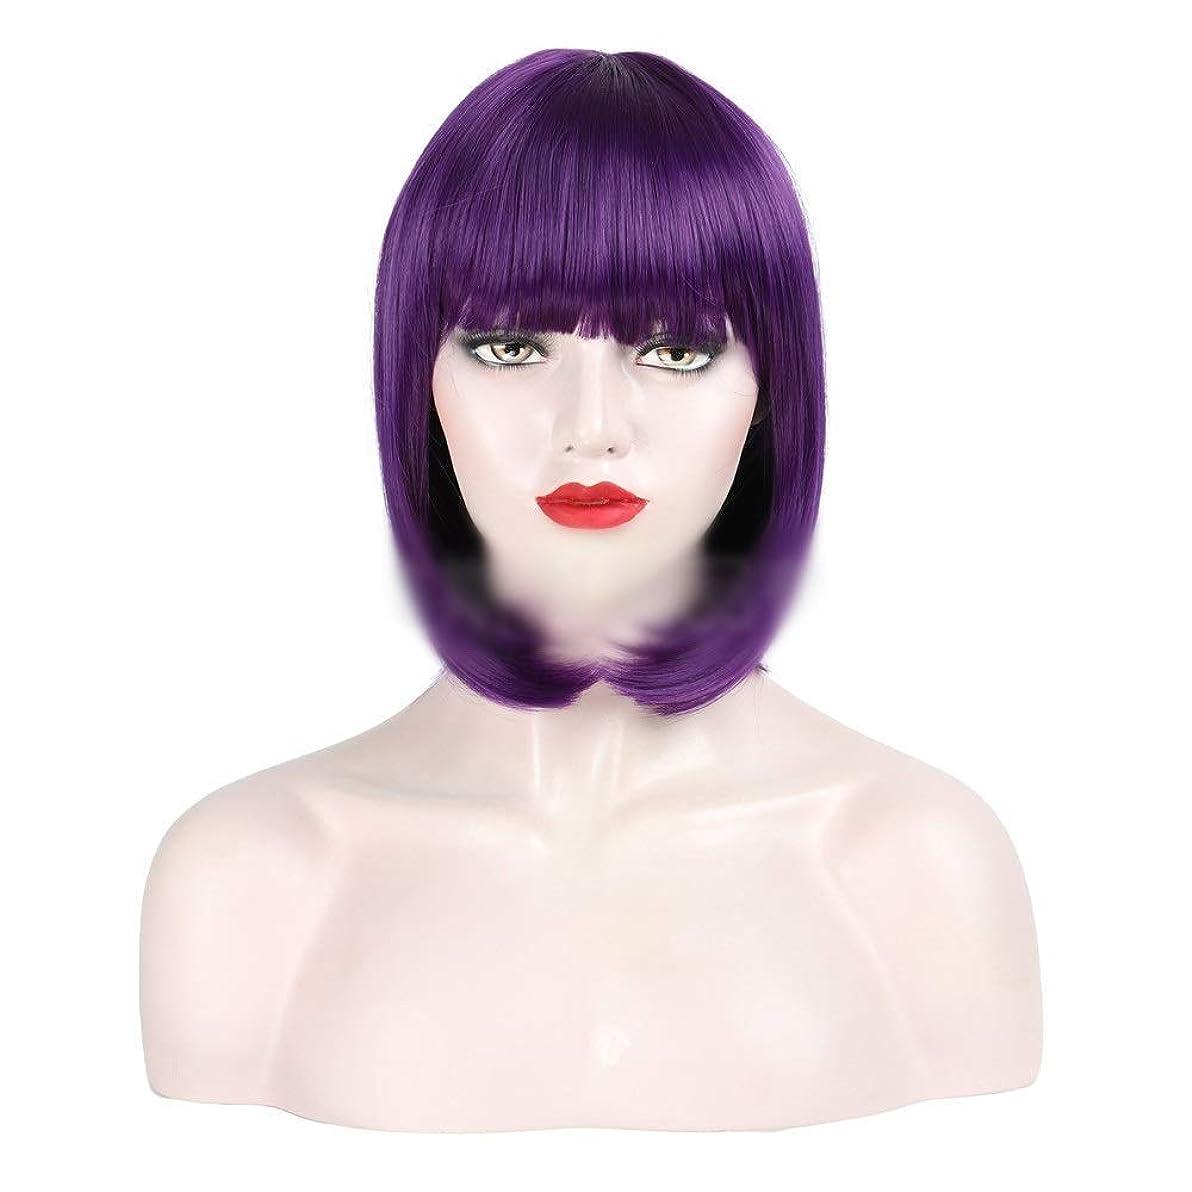 キャリッジ治安判事トレッドHOHYLLYA コスプレウィッグパープルヘアボブウィッグショートヘア前髪付きナチュラルストレート女性レディースパーティーウィッグ (色 : Purple)